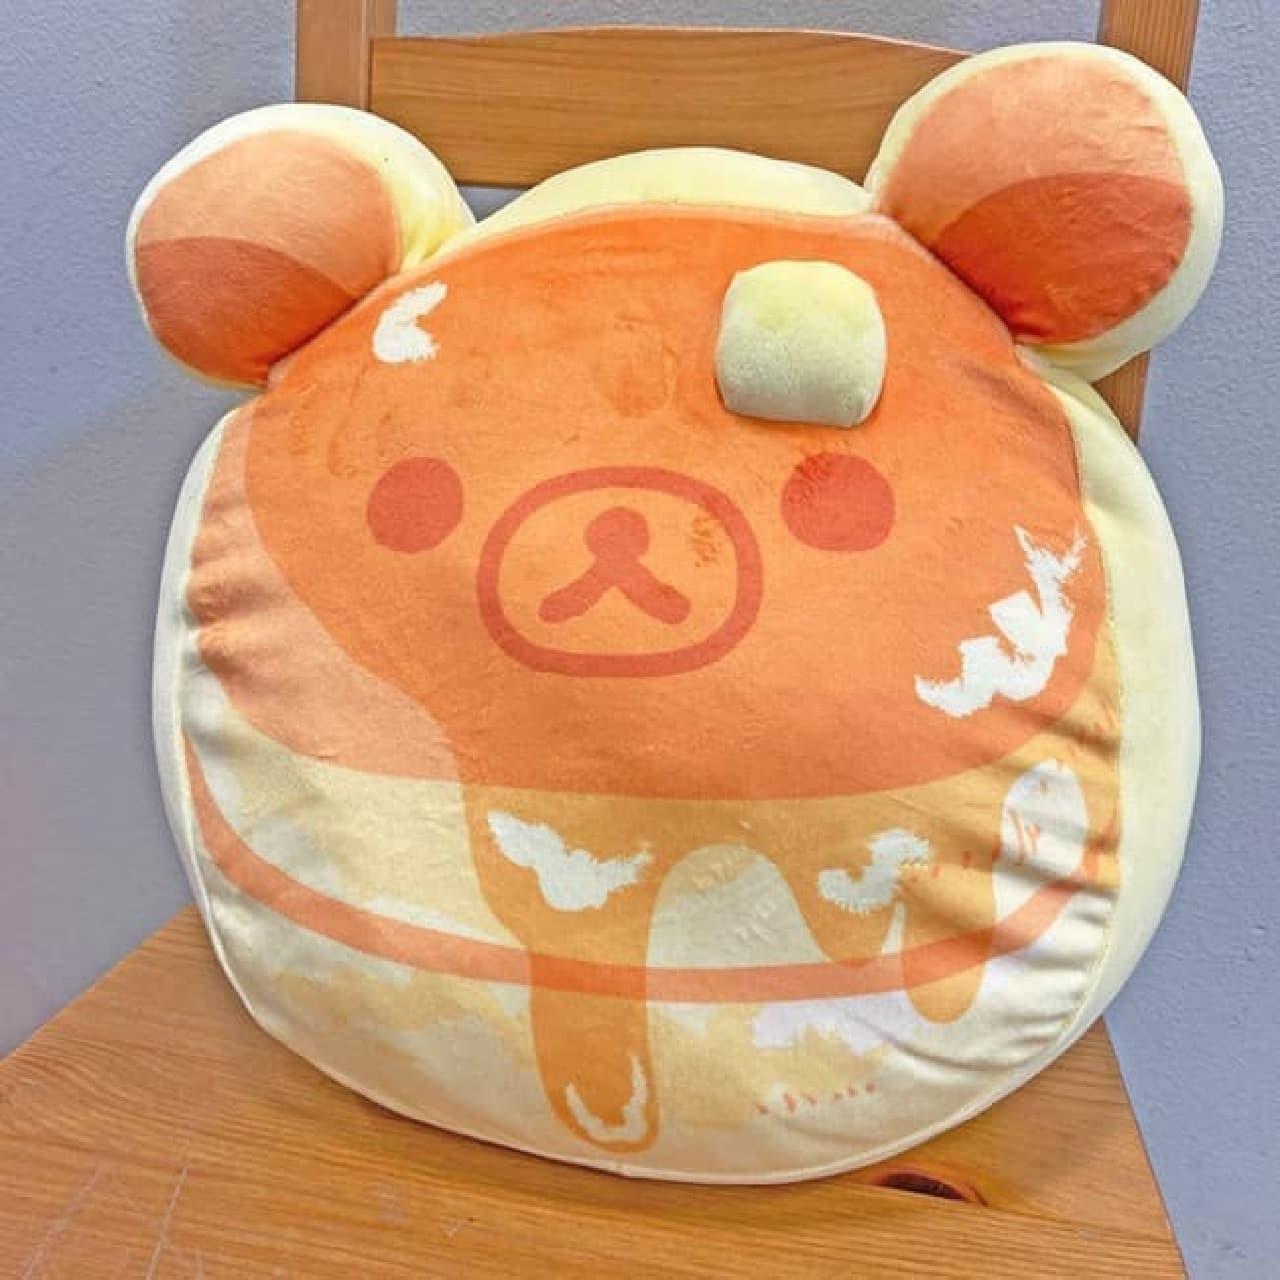 【リラックマ】もちもちパンケーキクッション